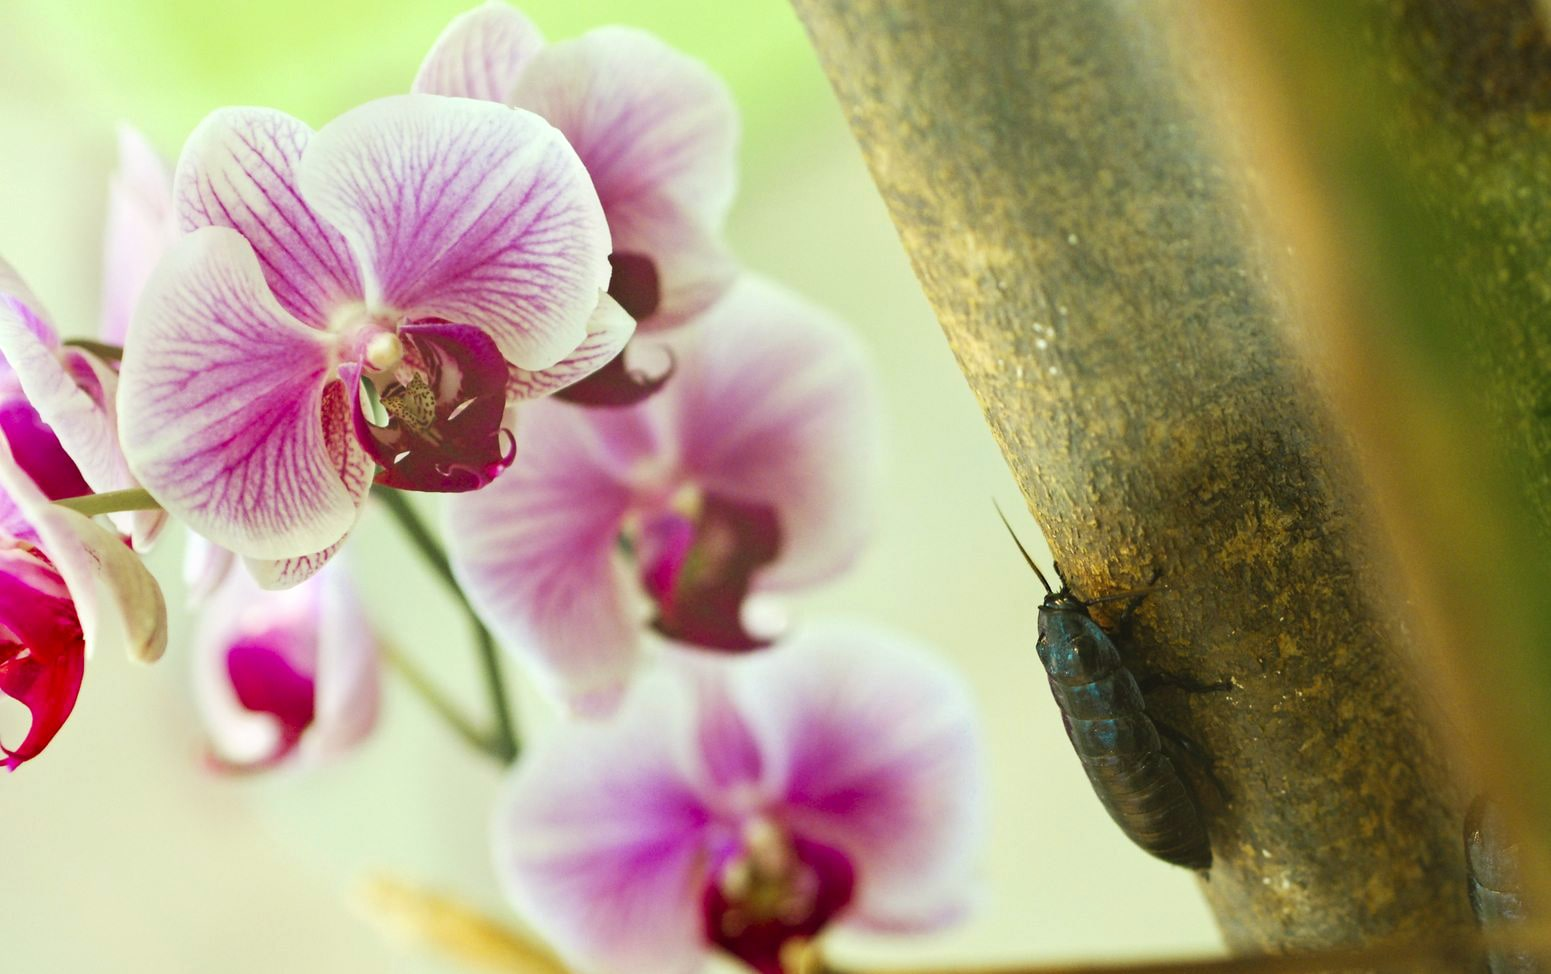 orkide böceklenmesi ve orkide zararlıları